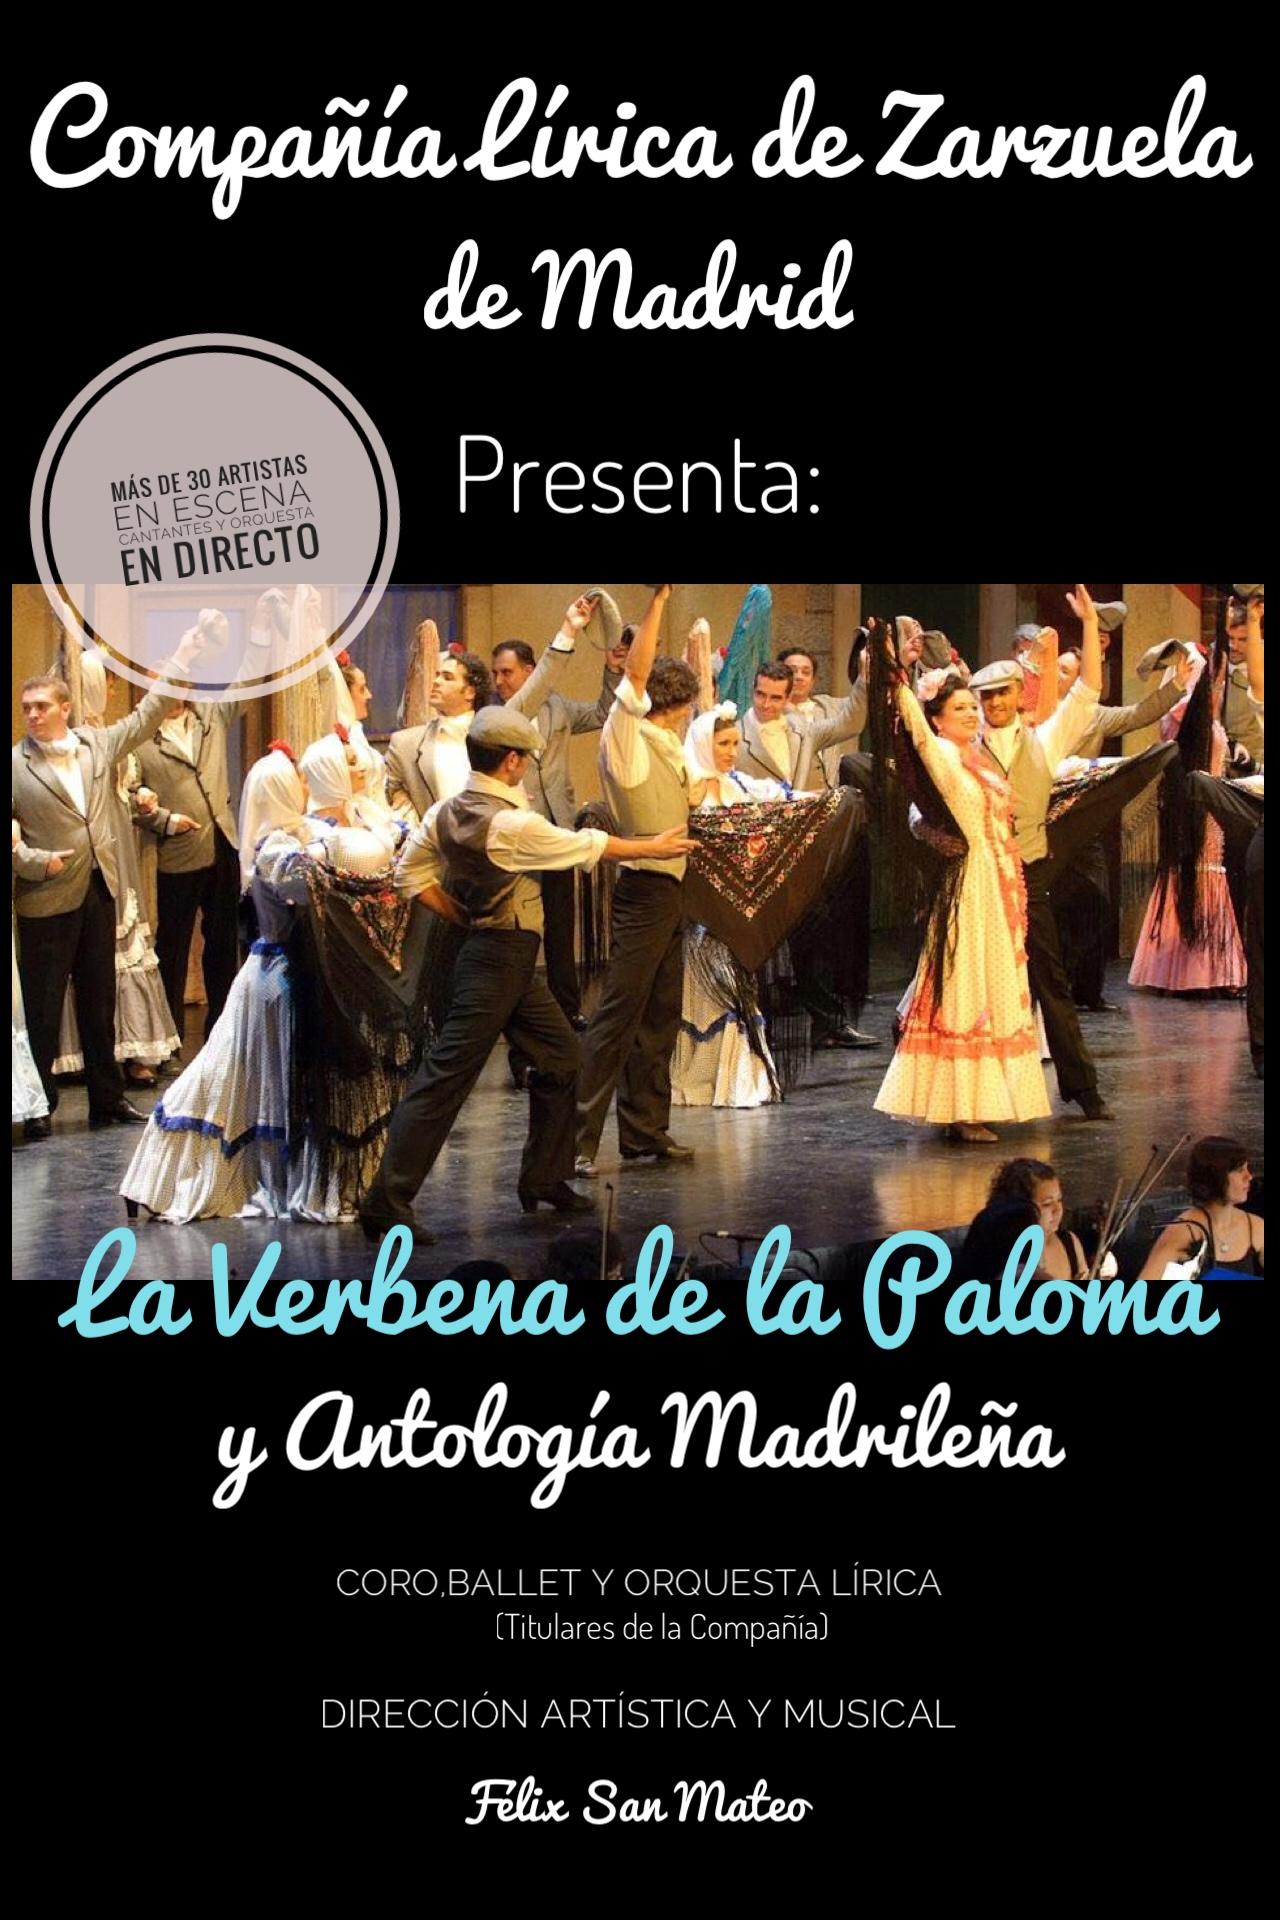 14 de Octubre: La verbena de la Paloma y Antología Madrileña